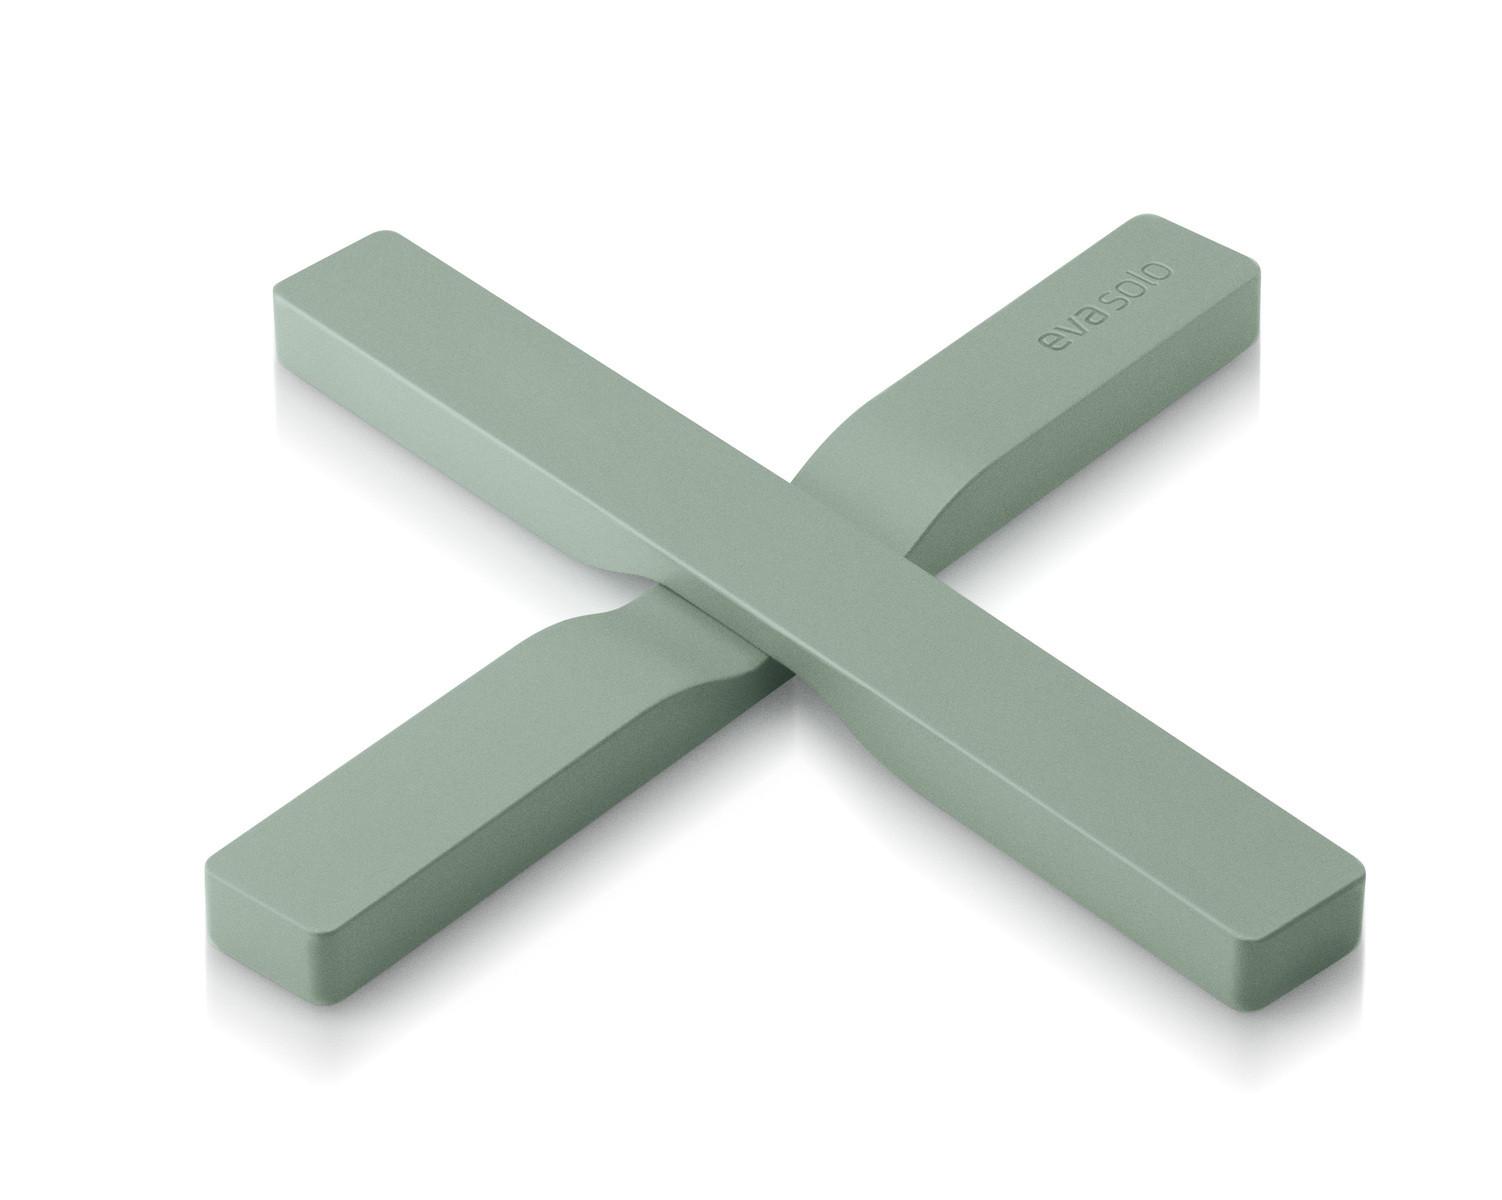 eva solo - Magnetischer Untersetzer - Faded green, 530748, 5706631202572